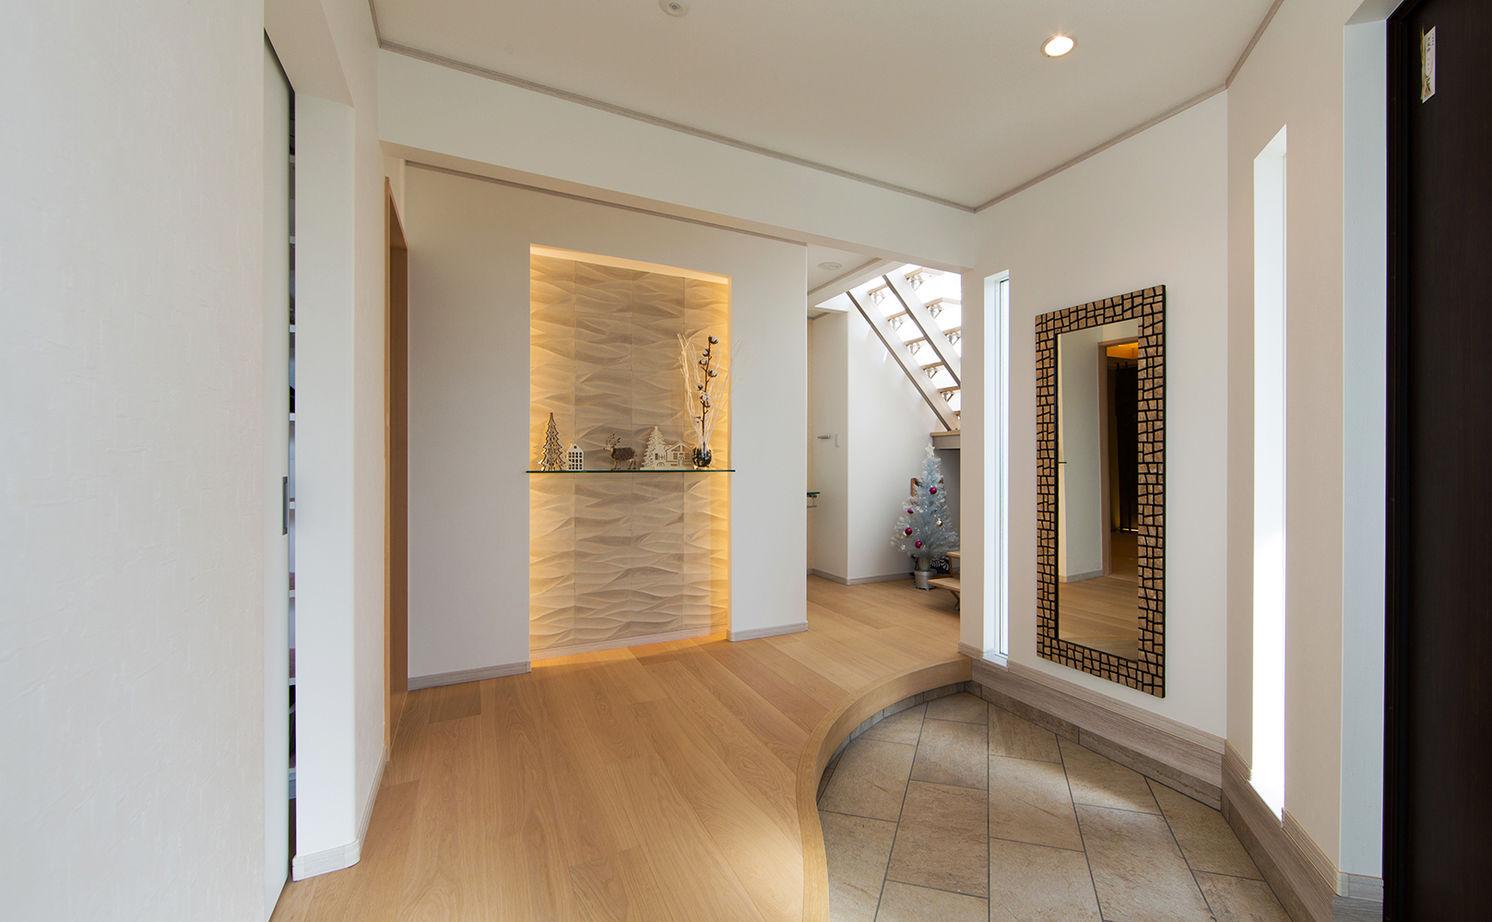 【4000万円~】高台を愉しむ家。アール設計の眺望リビング、上品なインテリア…繊細に想いを形に画像3